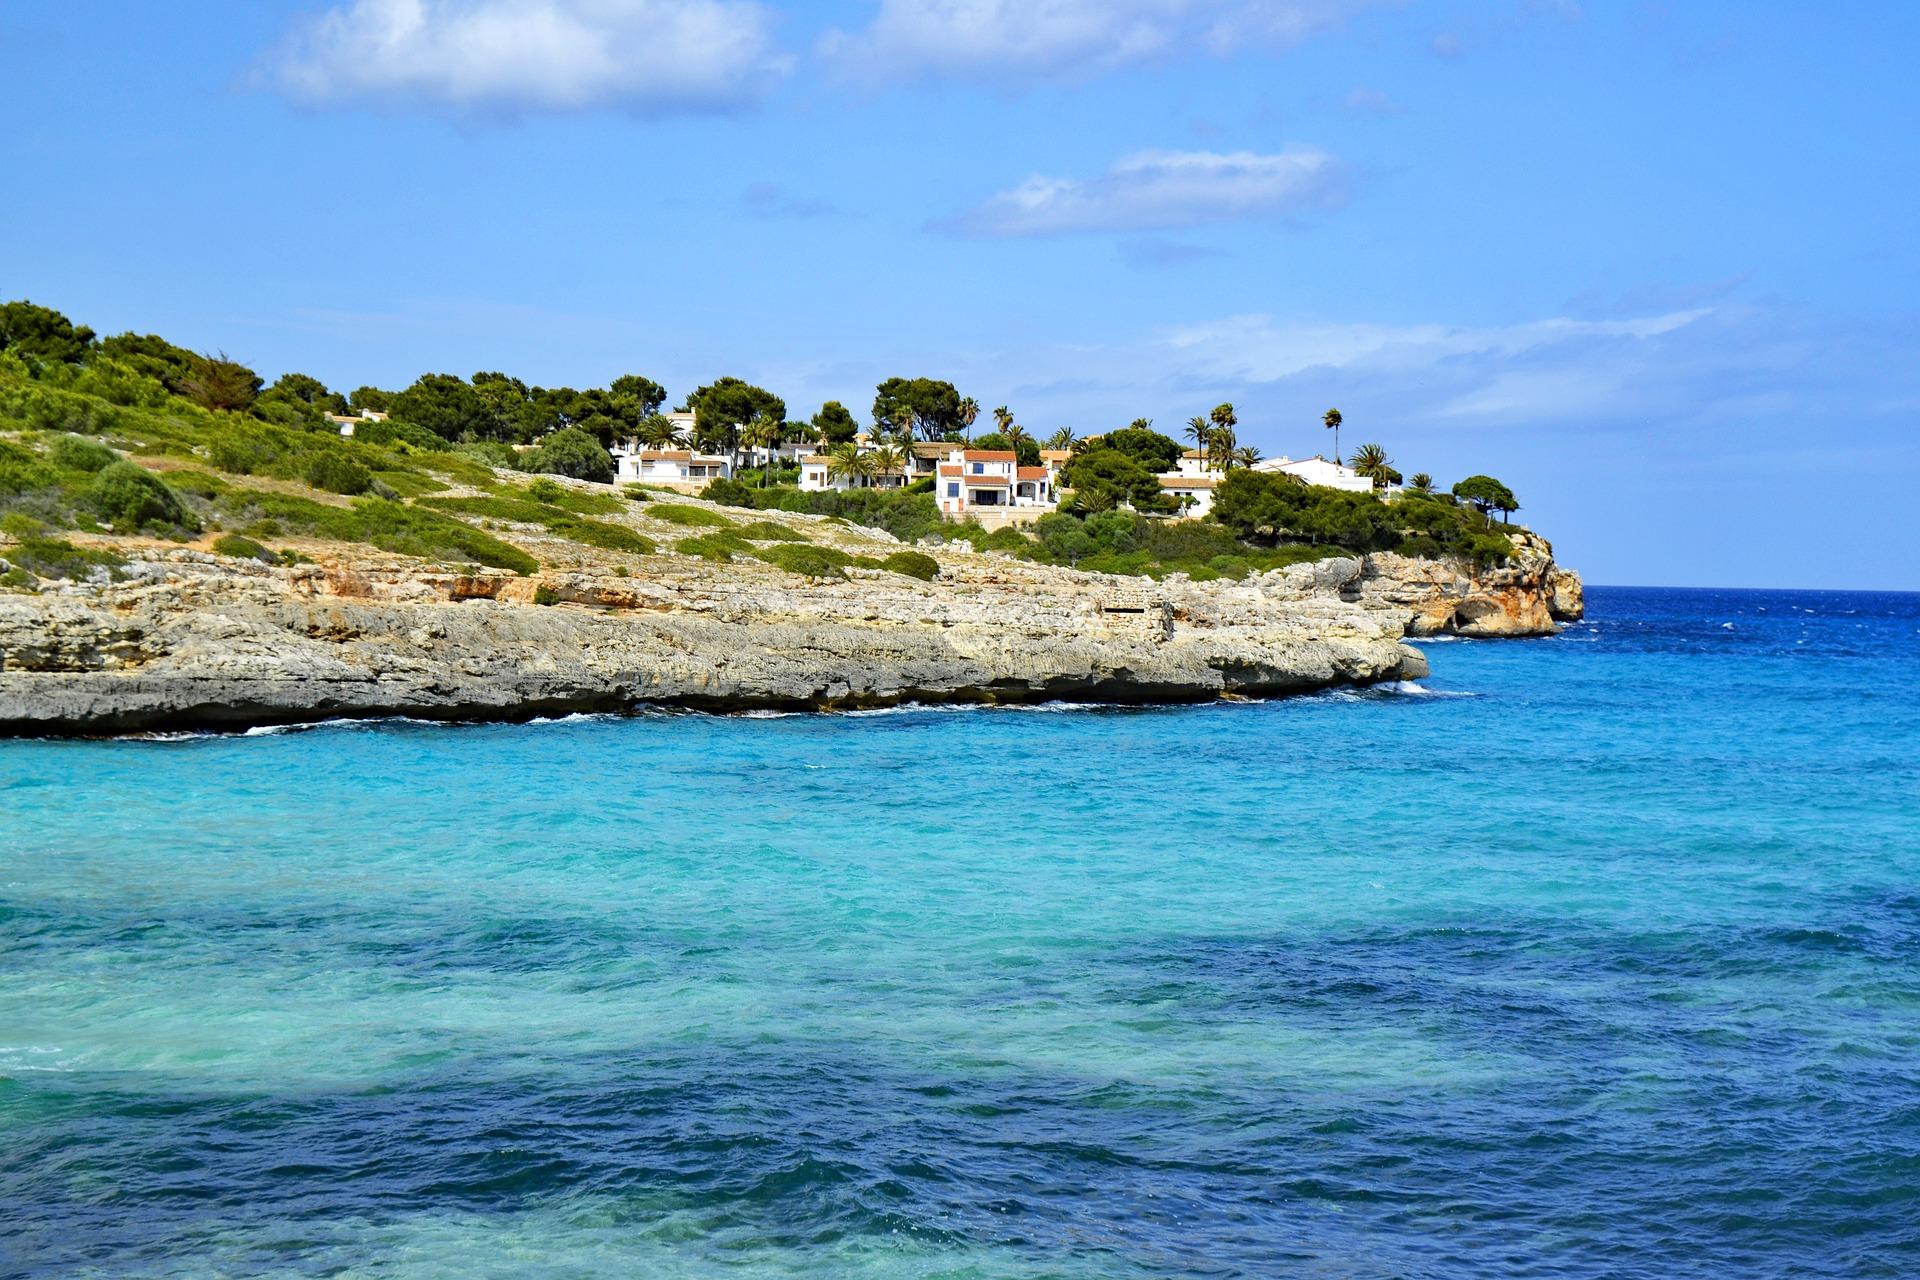 Cala Mandia wundervolle Küstenabschnitte im Osten der Insel Mallorca - Balearen in Spanien.